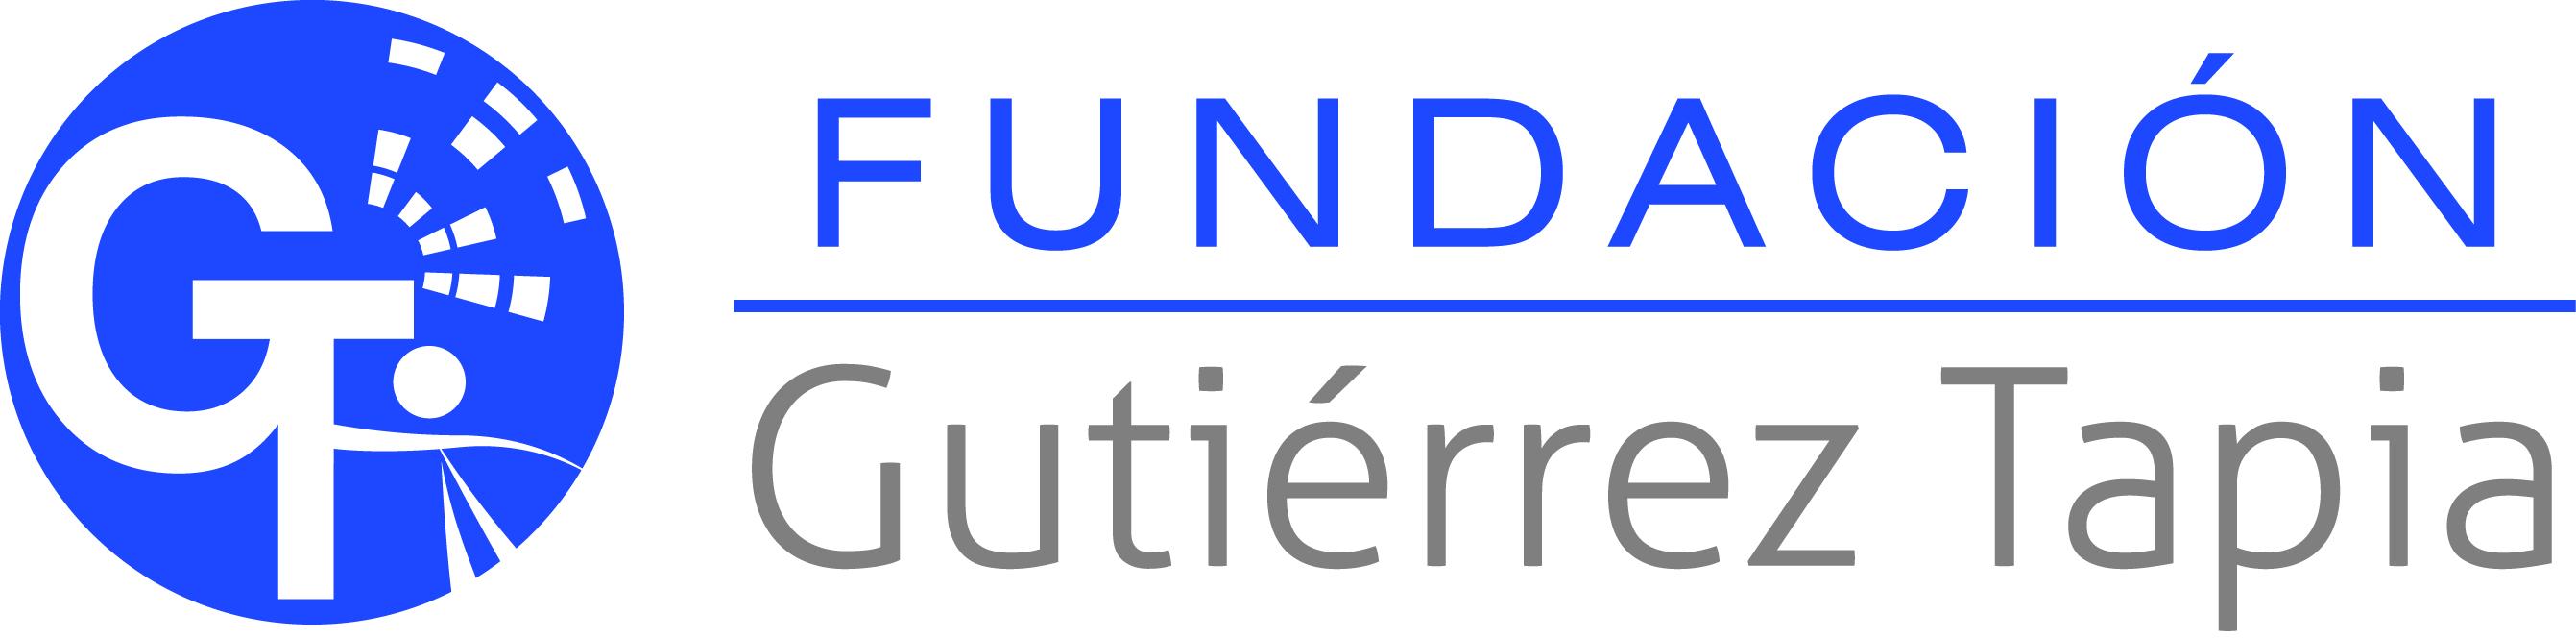 Fundación Gutiérrez Tapia · Becas · Cursos · Ayuda